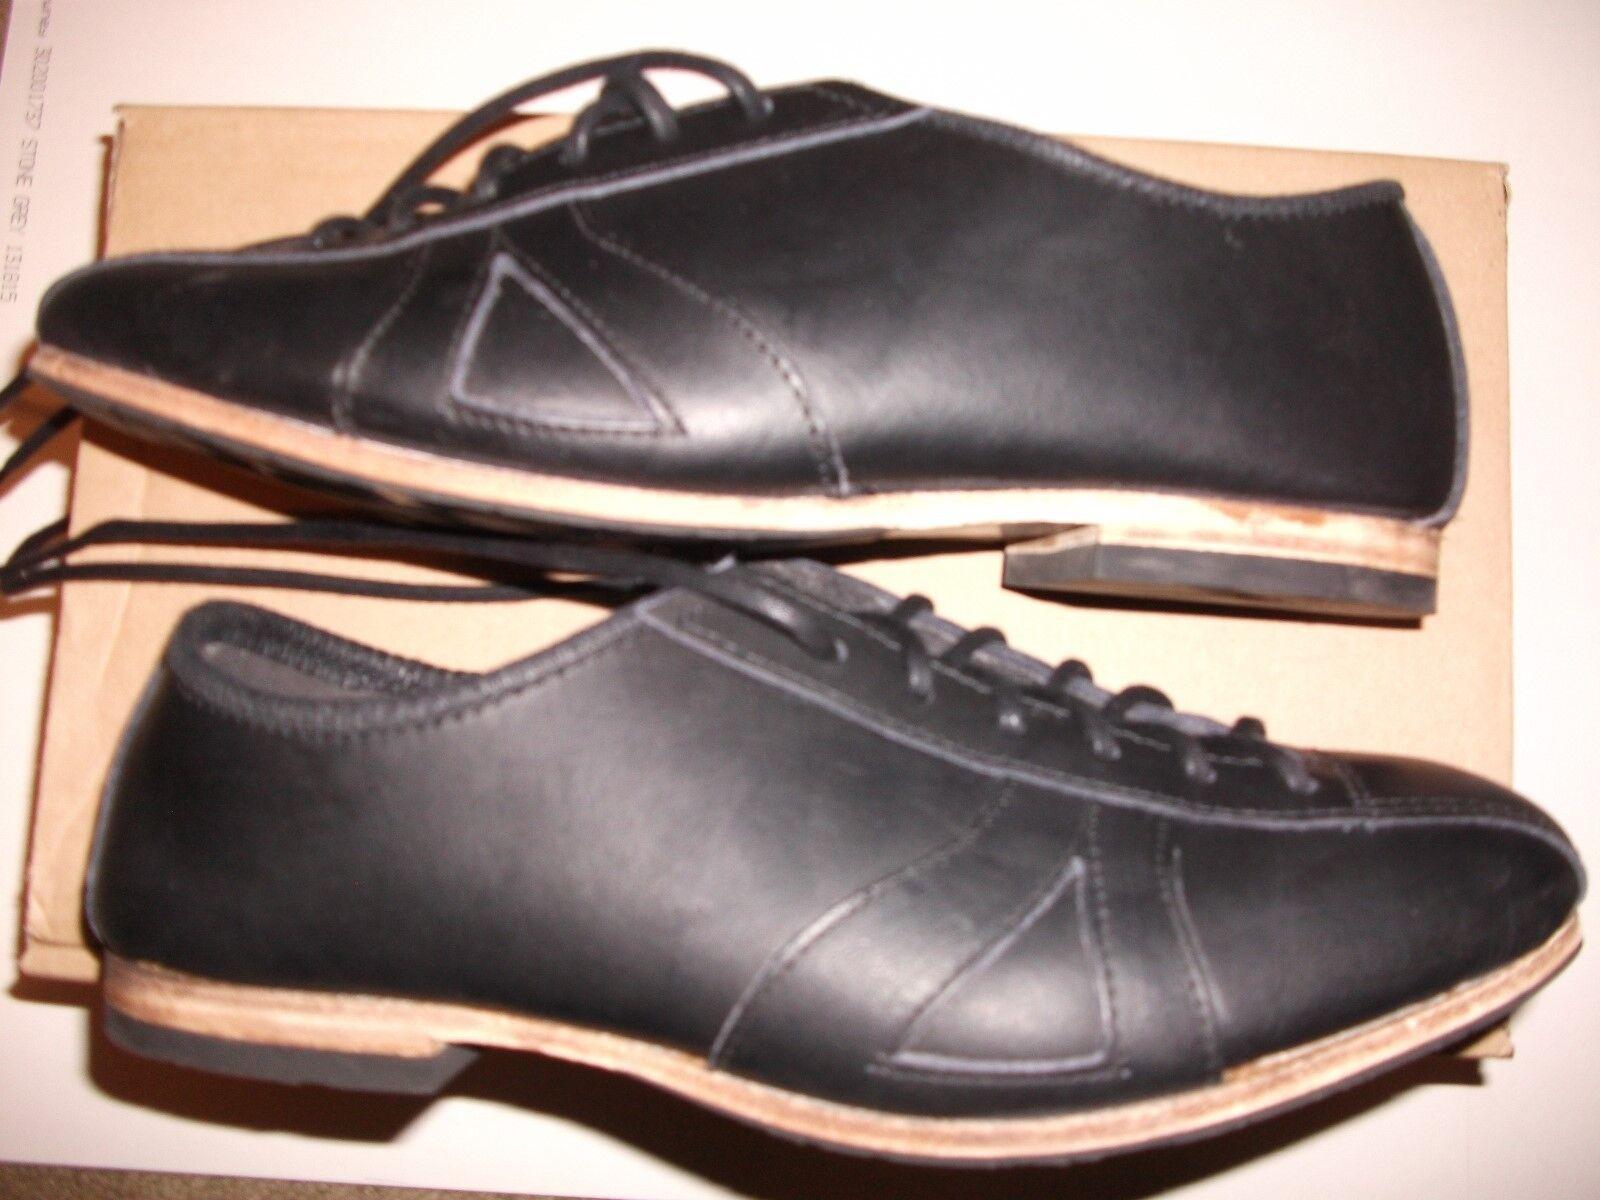 Cuero Clásico Zapatos De Ciclismo De Estilo Retro Vintage Clásico Cuero Eroica todo el cuero 4e06e7